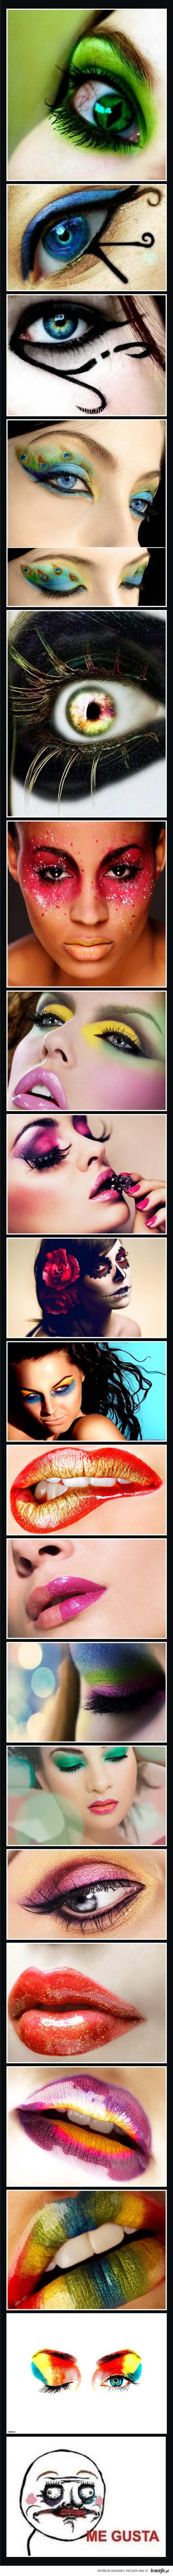 Make-up... Me Gusta